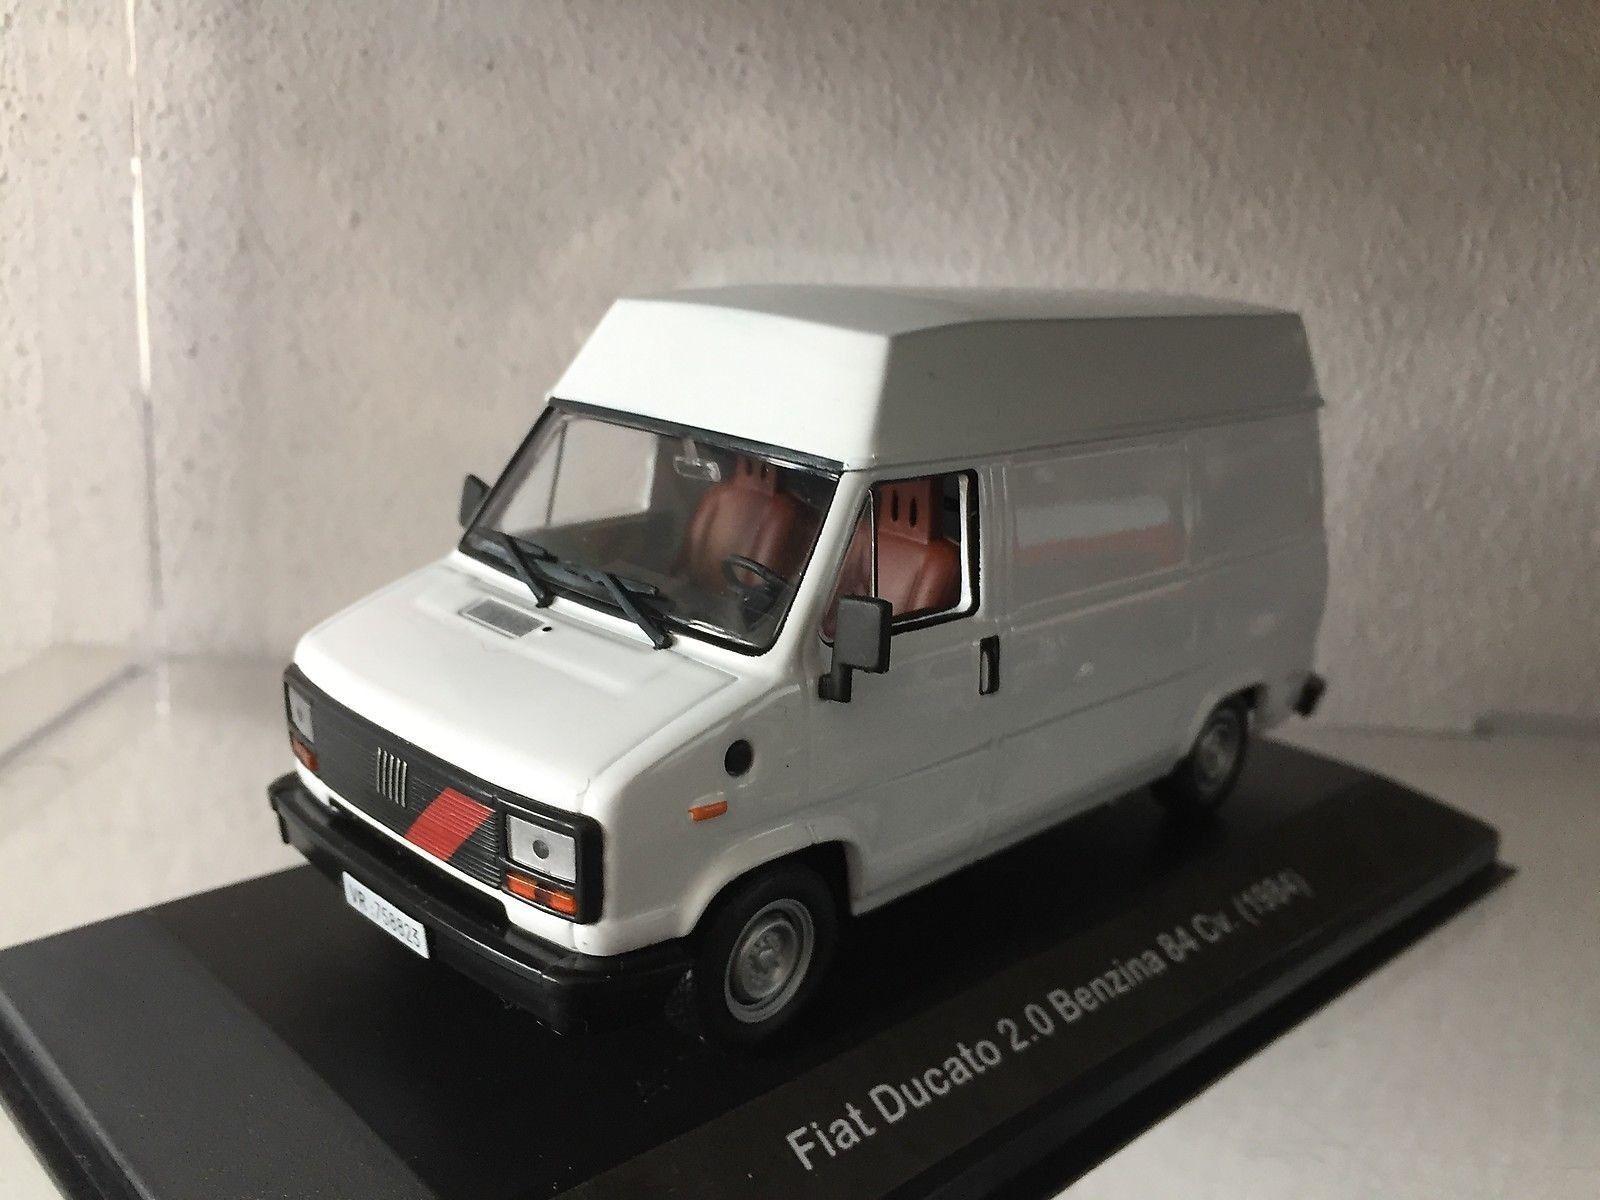 457 Fiat Fiat Fiat Ducato 2.0 Benzina 84 Cv. (1984) Bianco - DIE CAST 1 43 26a2cf